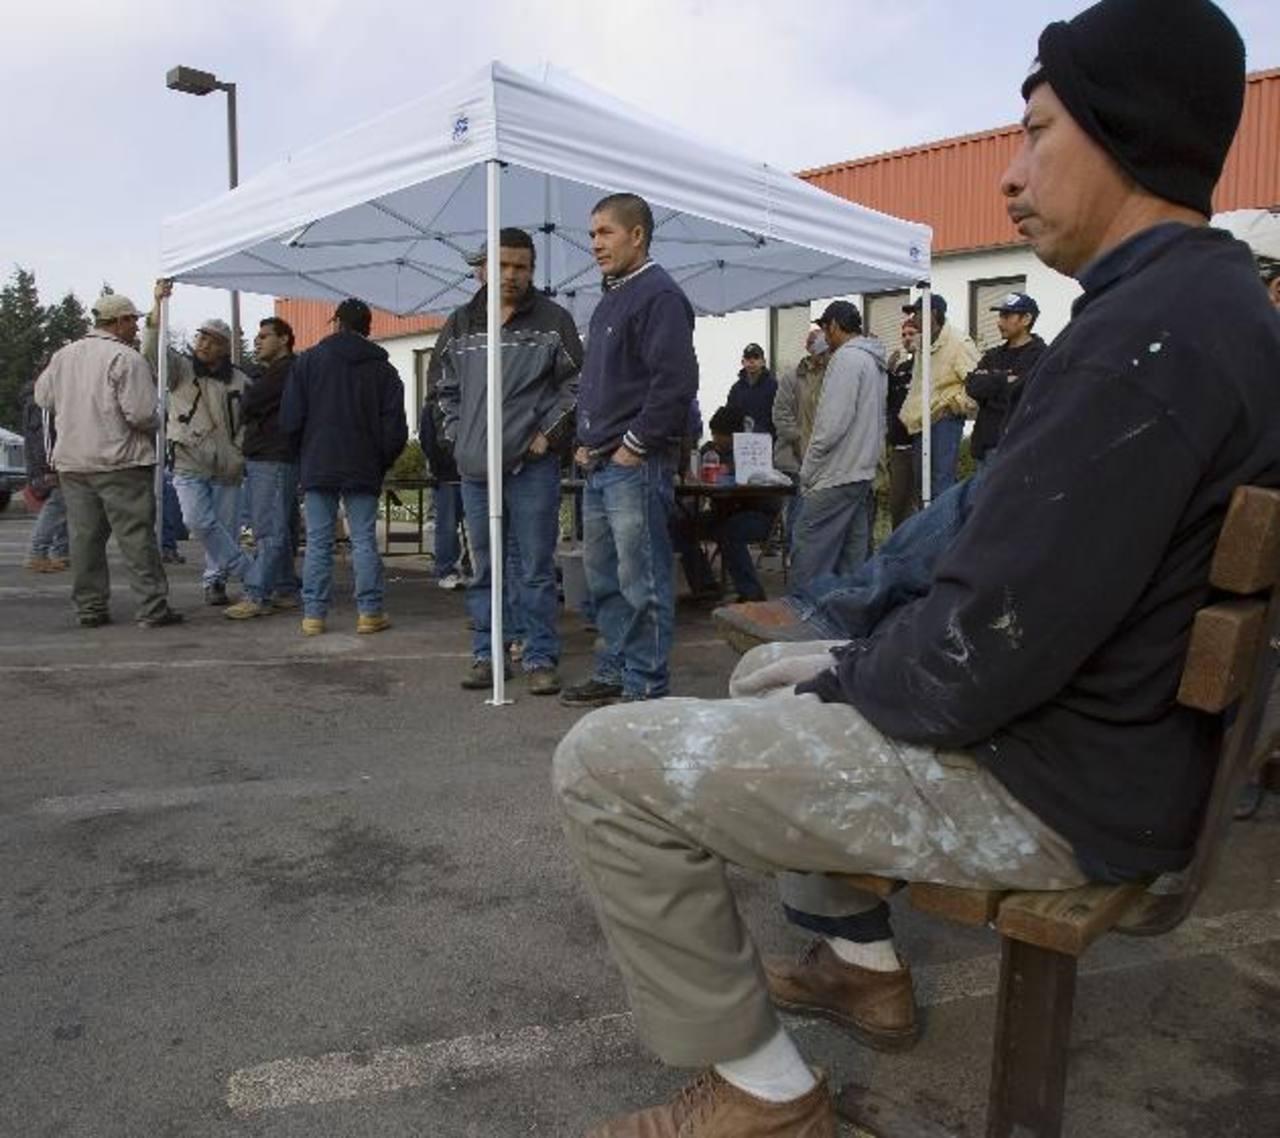 La mayoría de migrantes eligió Estados Unidos para residir. Foto EDH/archivo